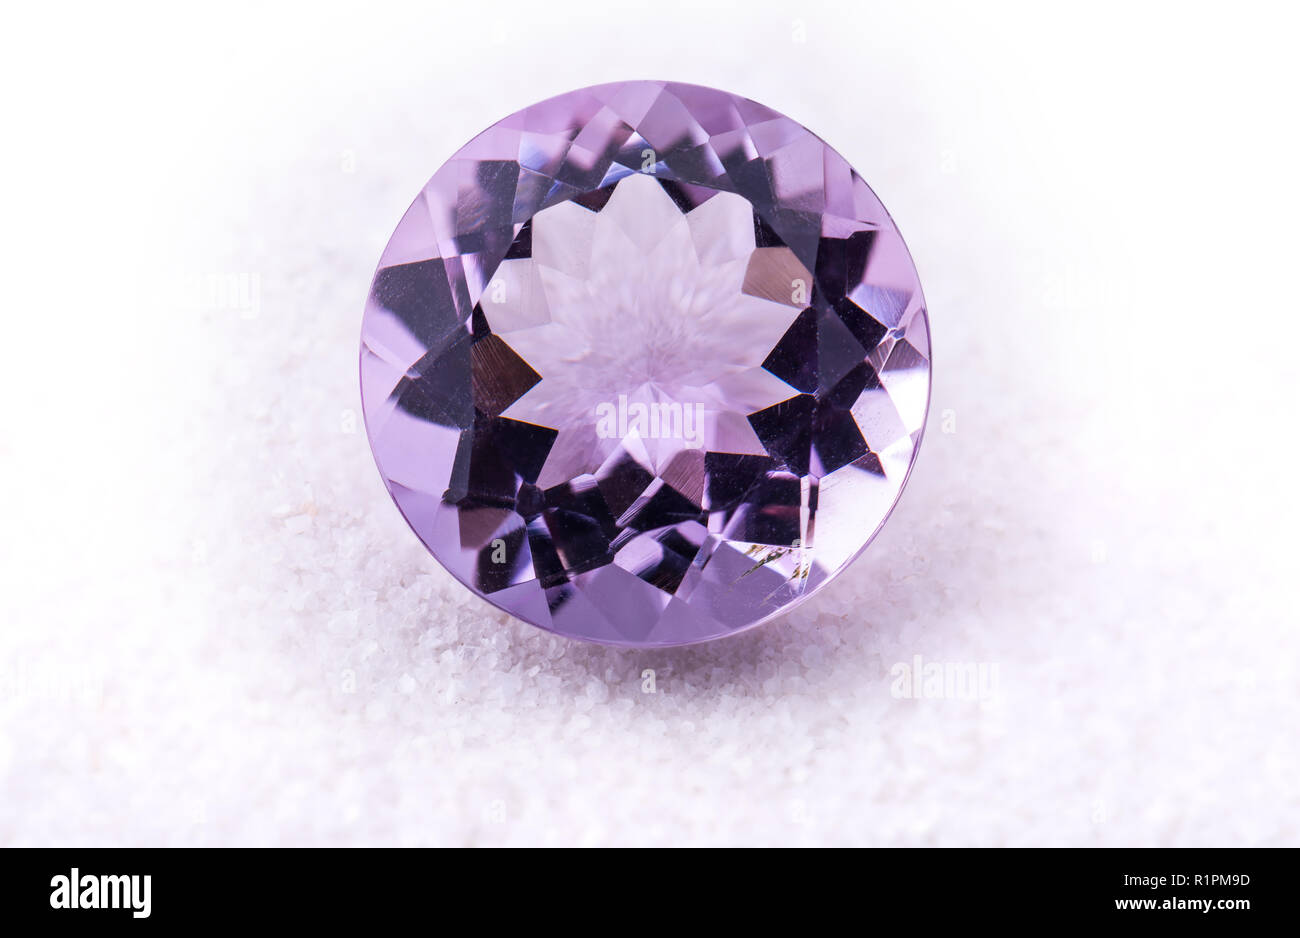 Viola ametista pietre preziose gioielli foto con pietra nera e